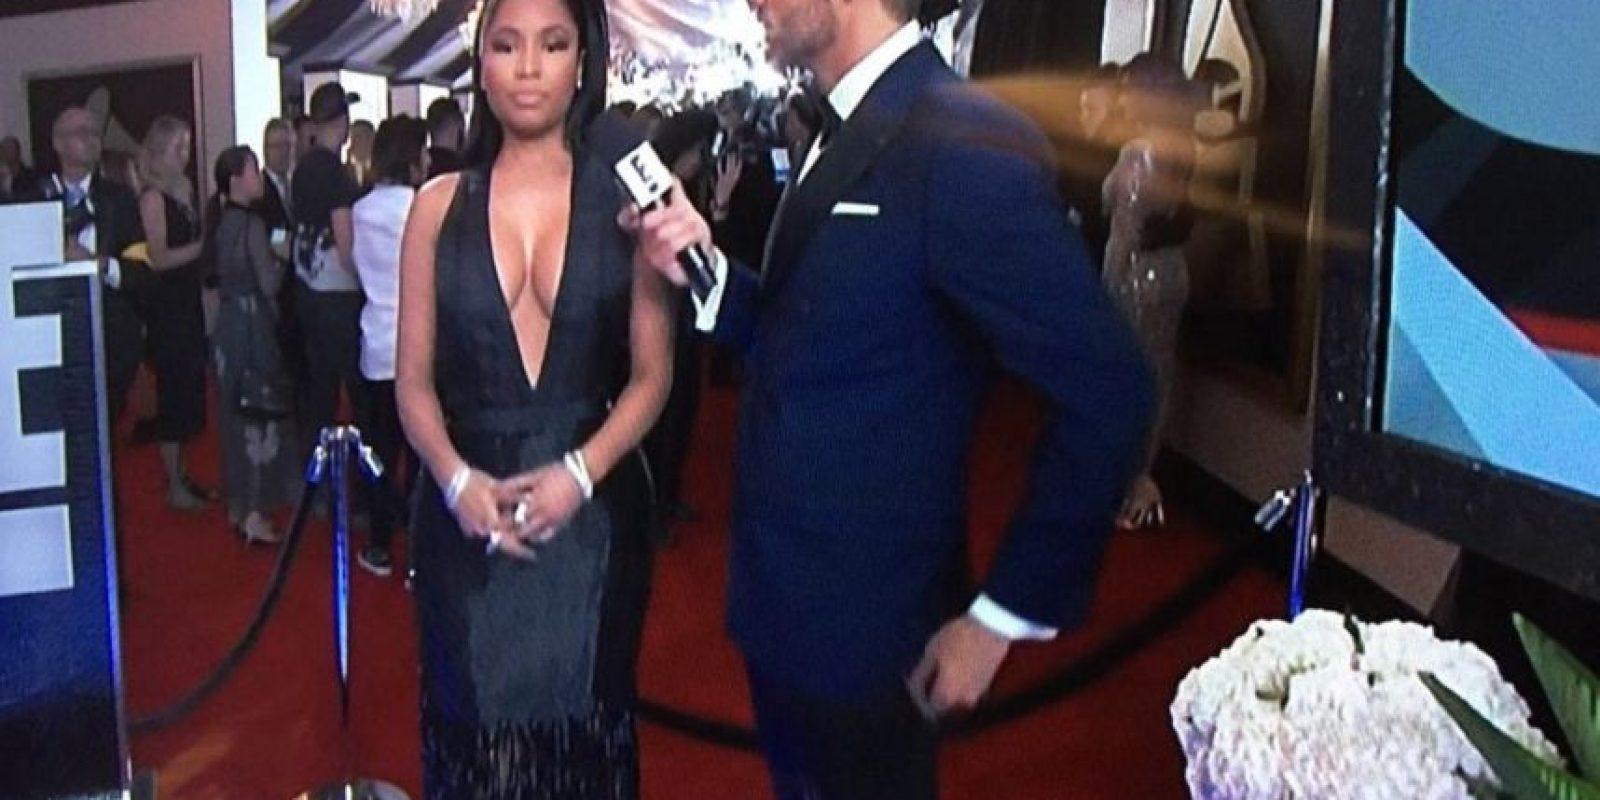 Aunque ya no parece un Oompa Loompa, Nicki Minaj ahora se decanta por ser Morticia Addams. Foto:Twitter